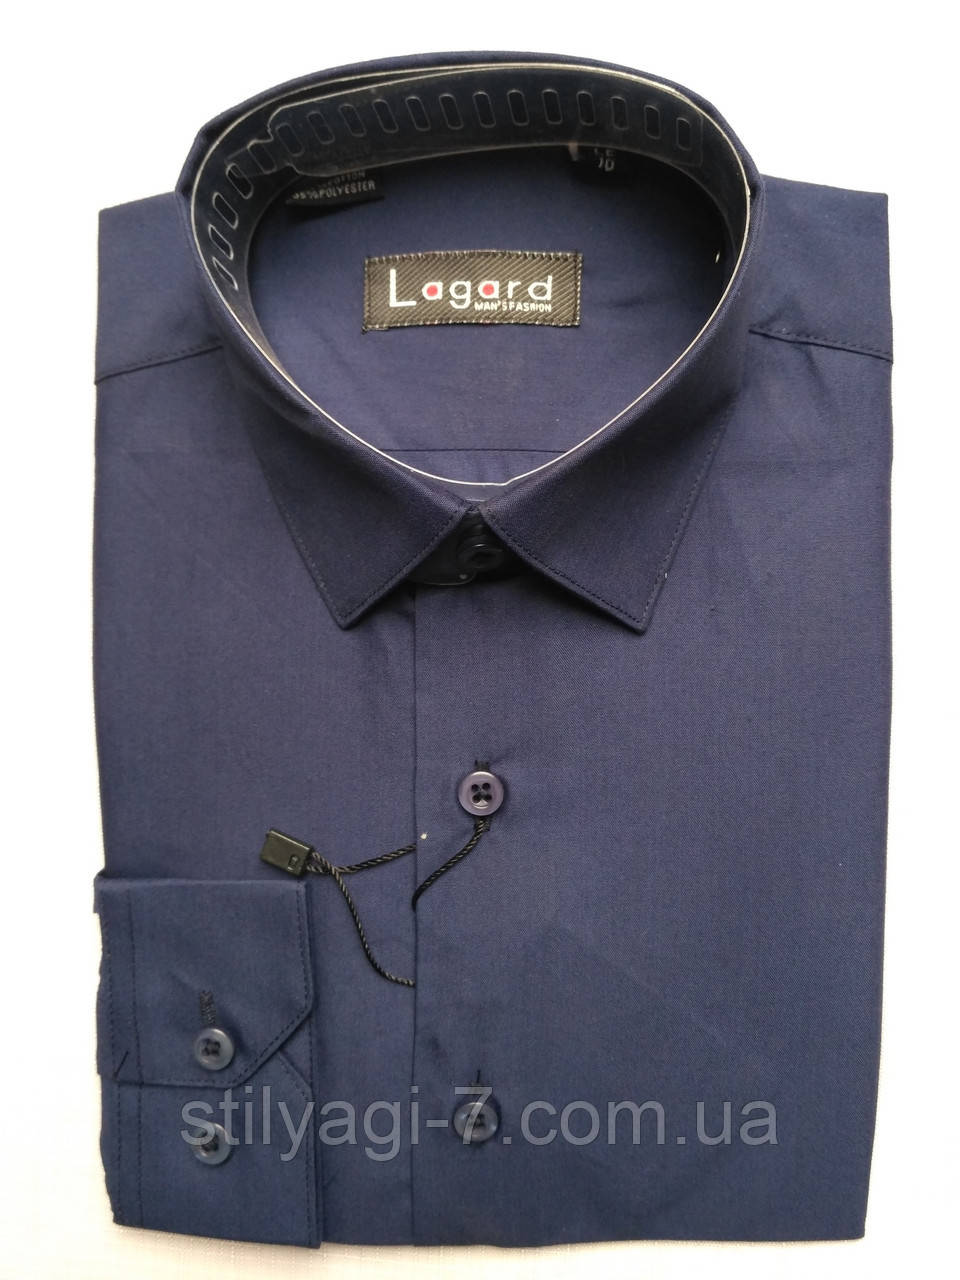 Рубашка на 7-12 лет с длинным рукавом коттоновая темно-синяя